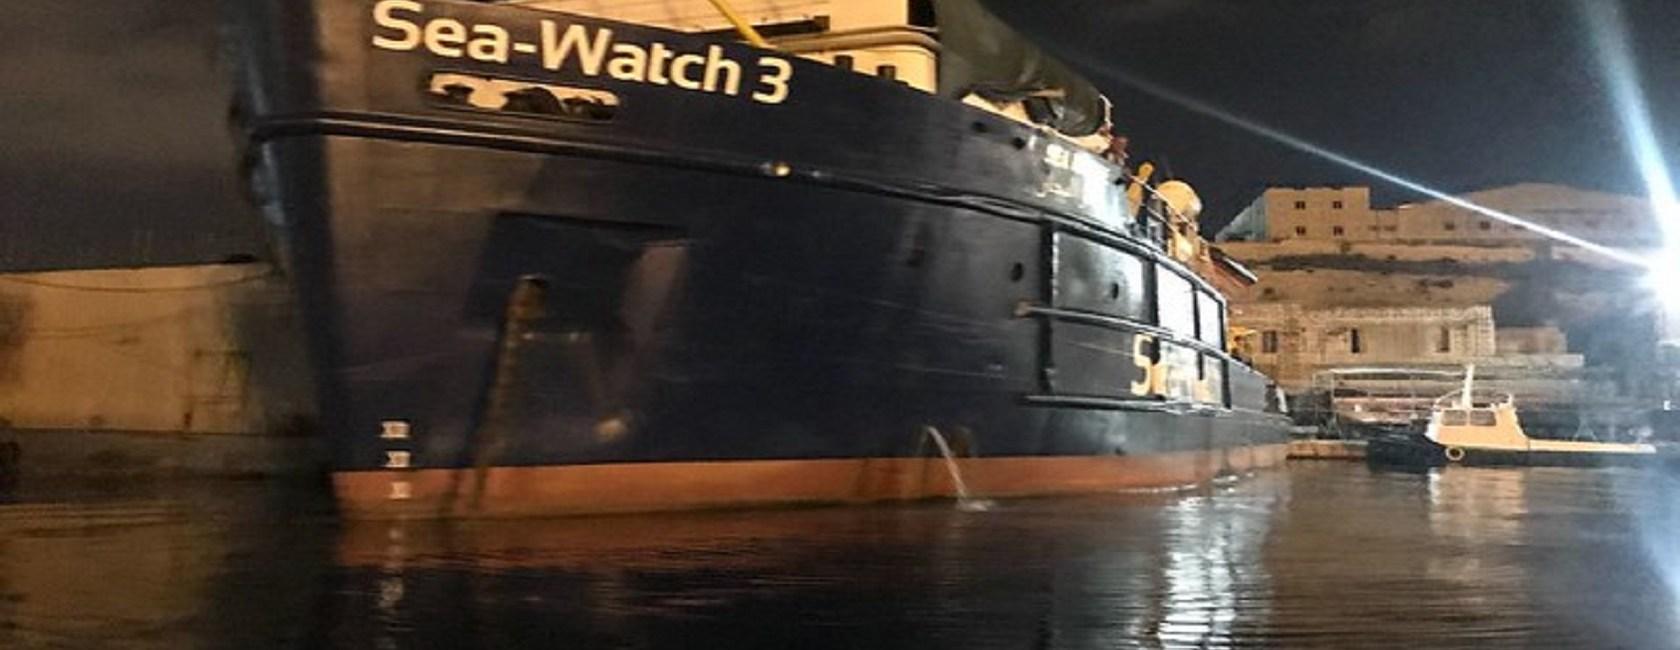 Sea Watch, i migranti vengano fatti sbarcare prima di ogni considerazione politica